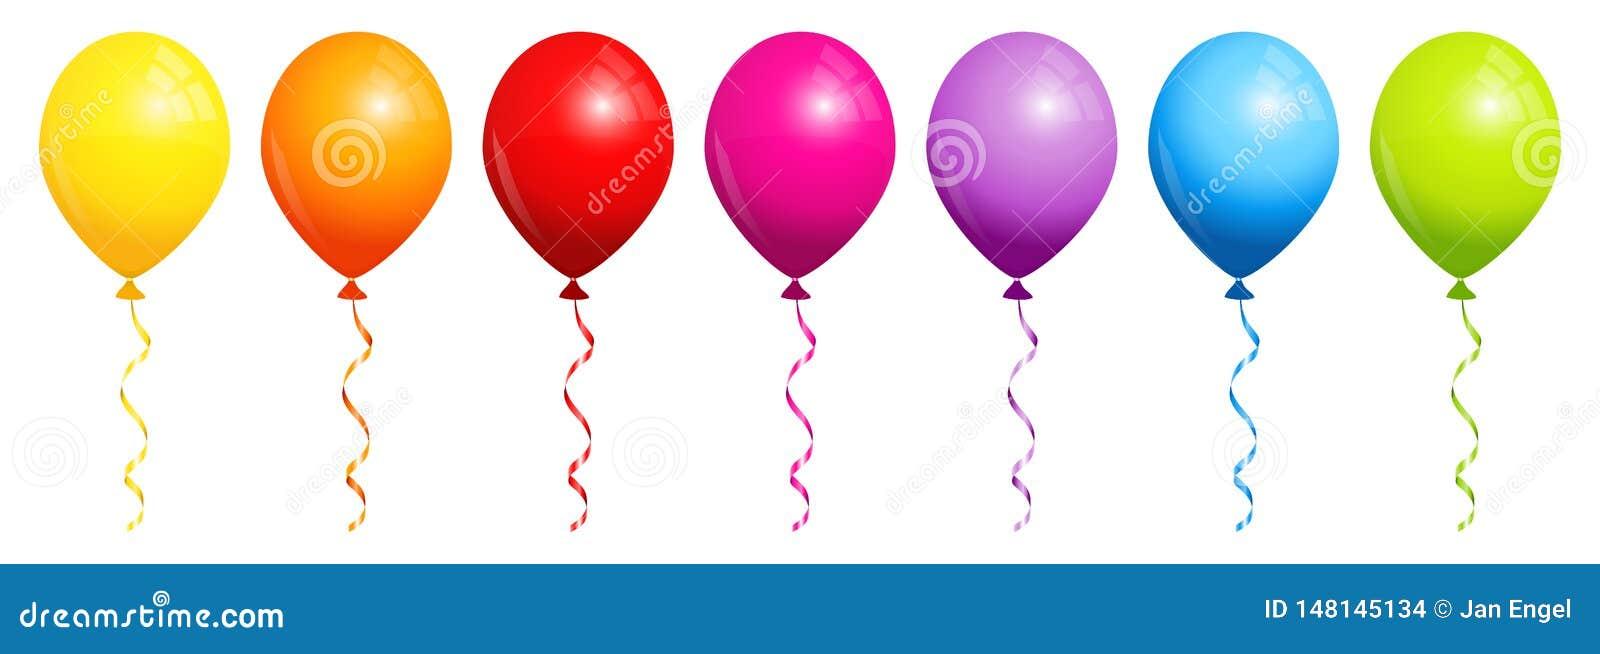 设置七个彩虹气球